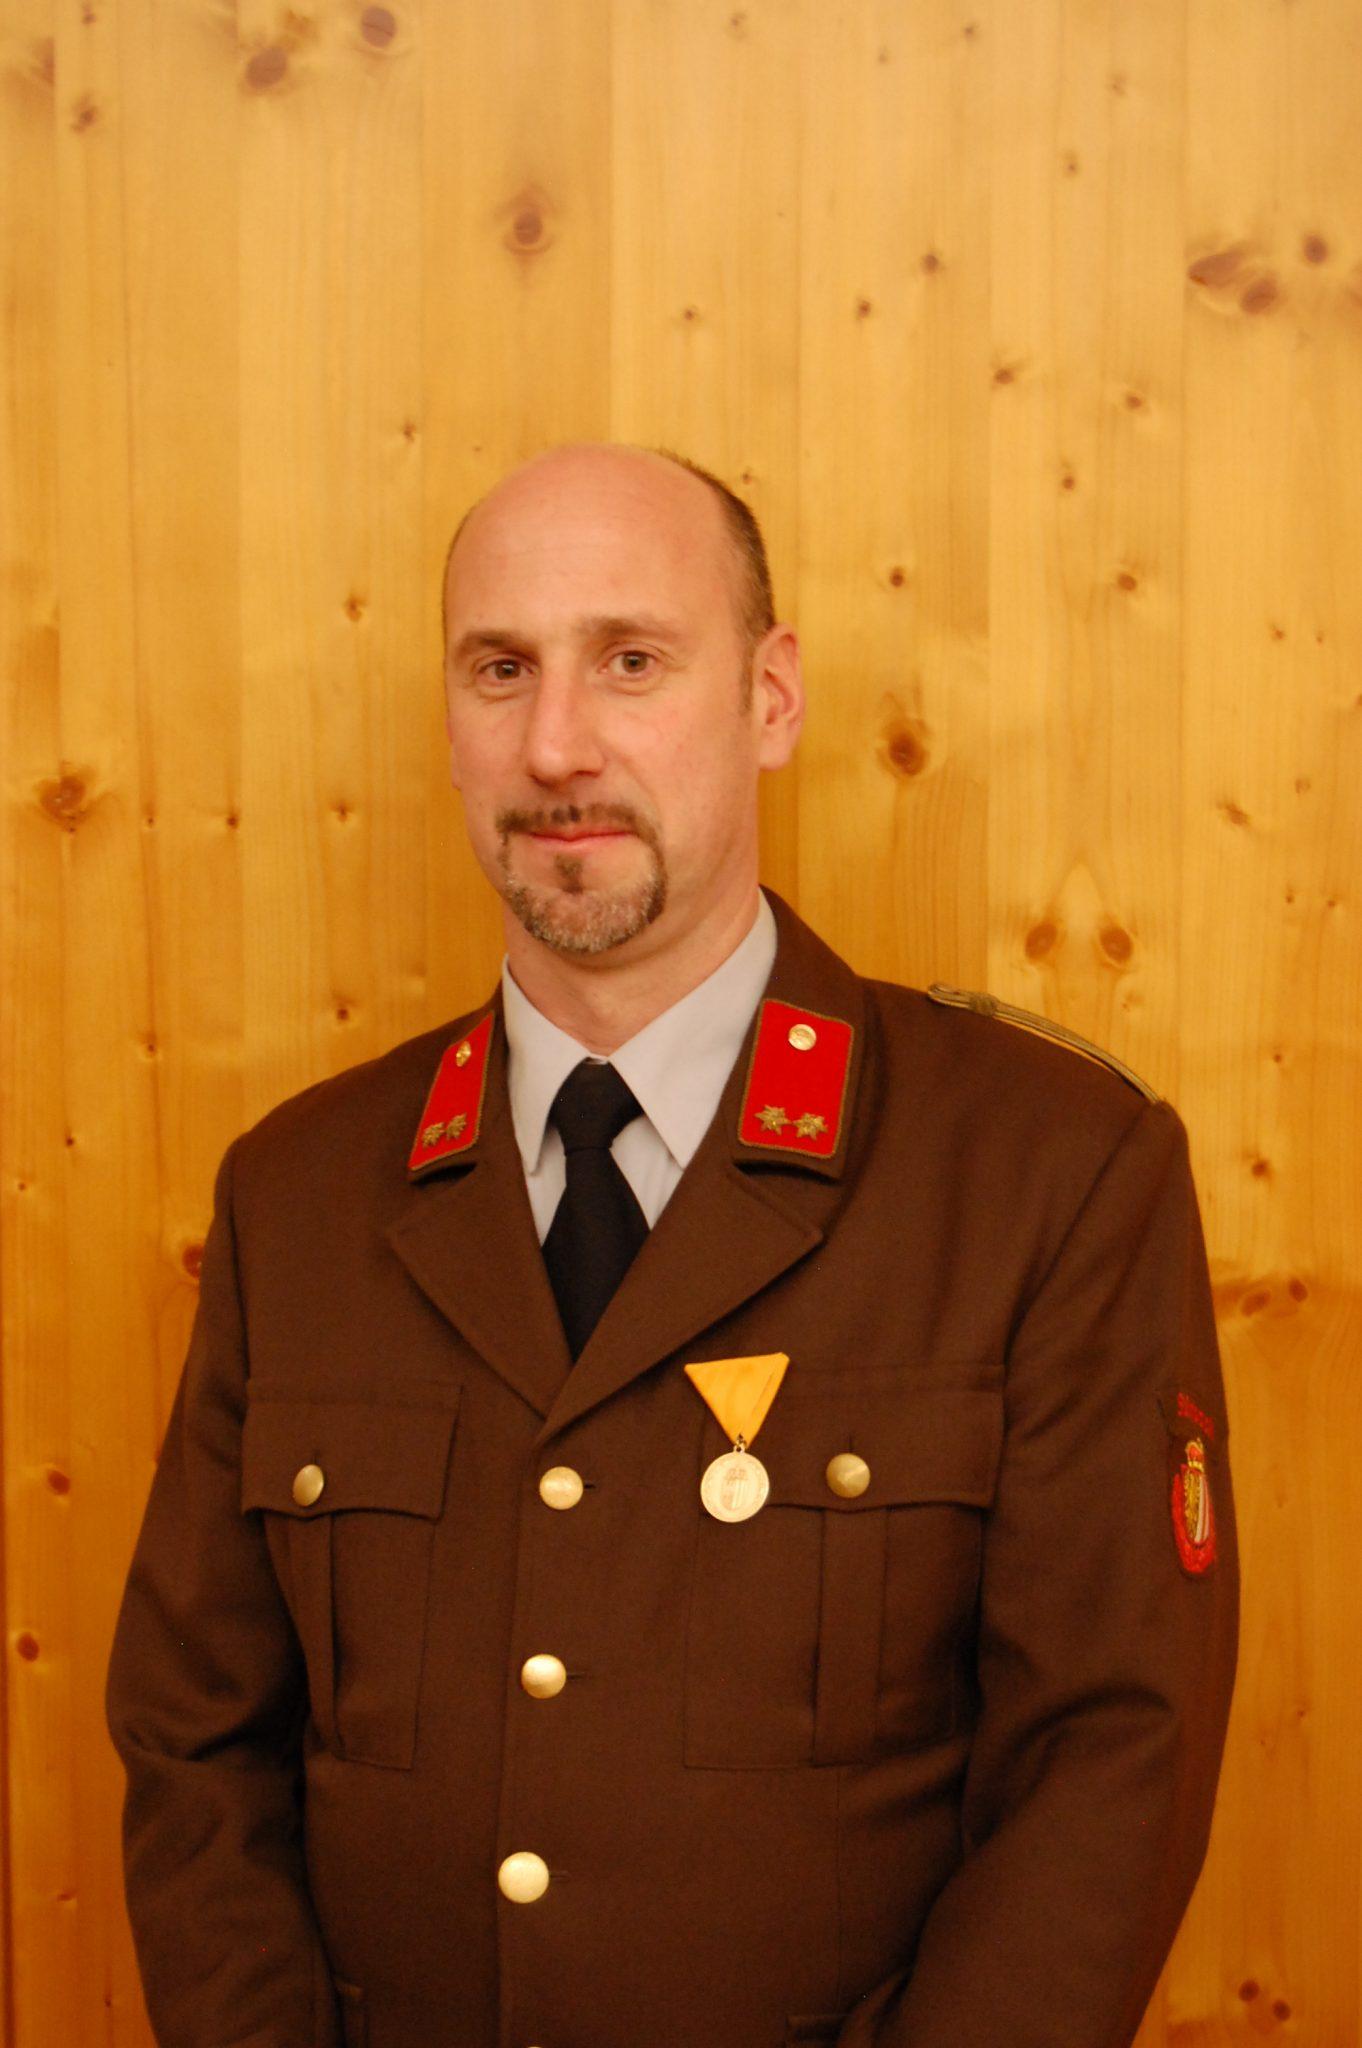 Profilbild von OBI Florian Laussermayer